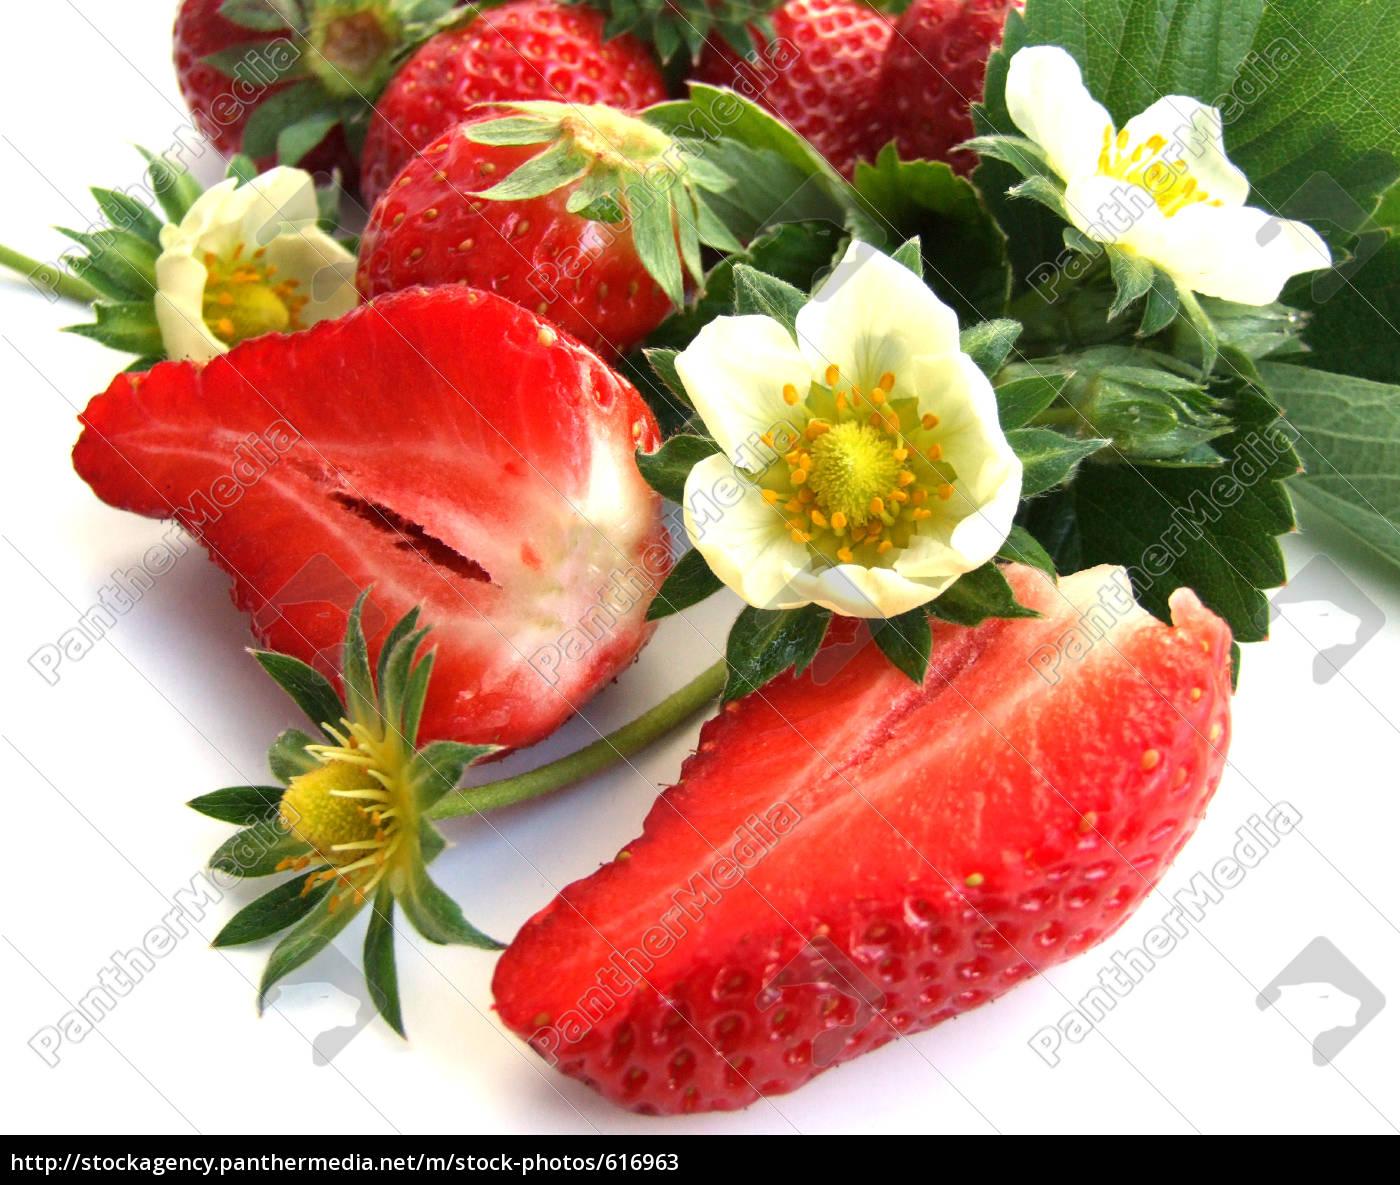 strawberries - 616963